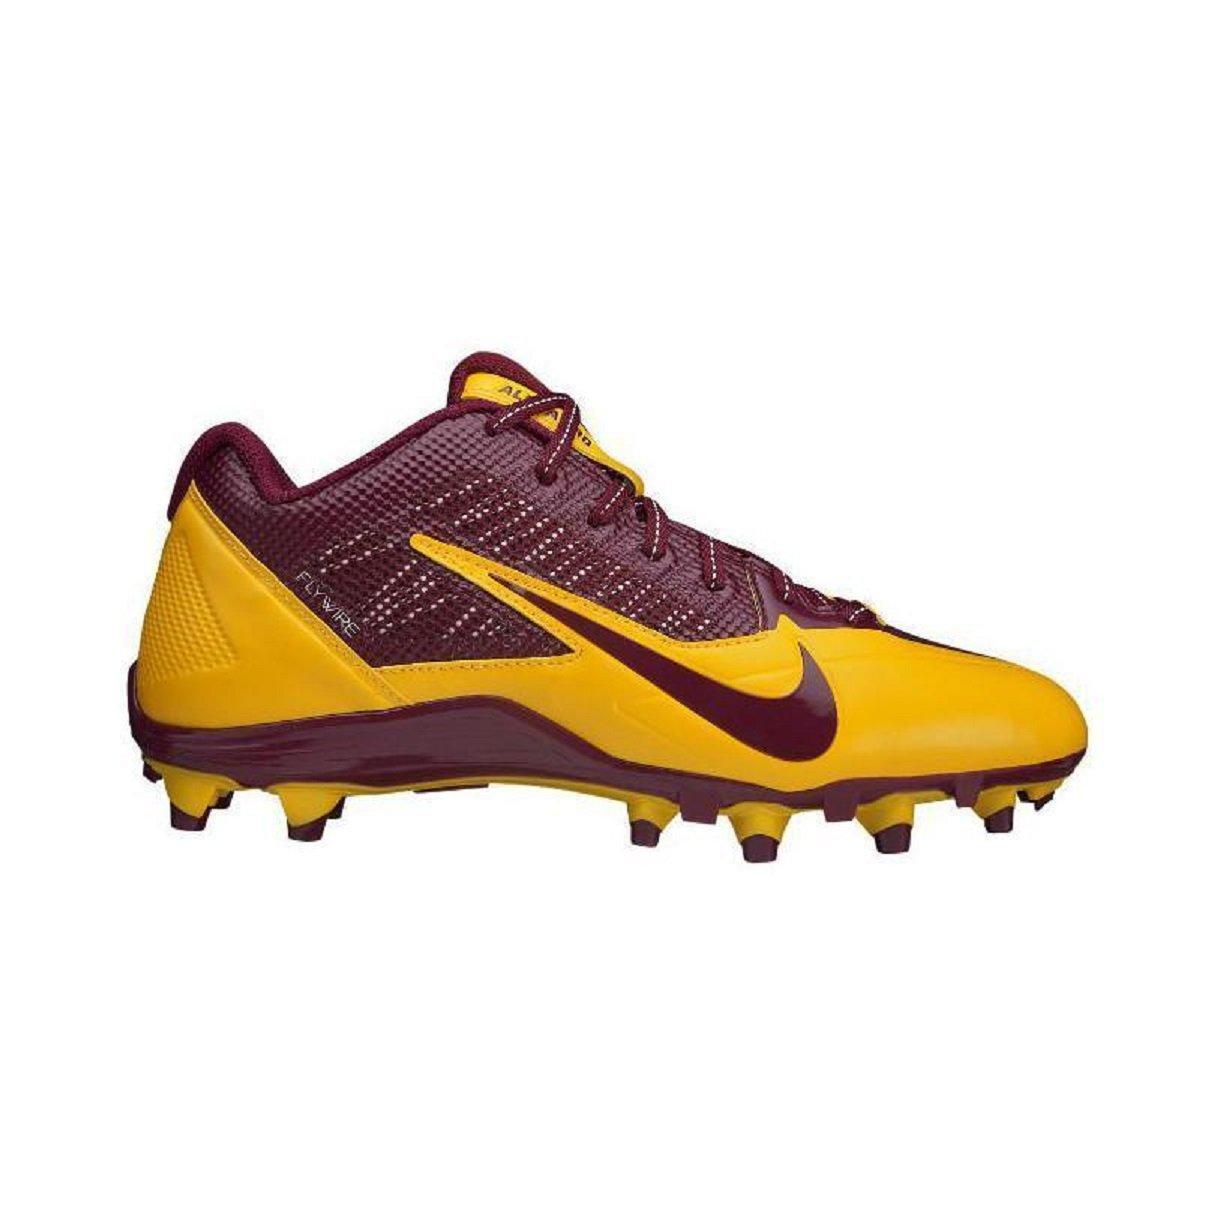 NikeメンズAlpha Pro TD SB Low Football Cleatsワシントンレッドスキンズレッドイエロー( 14 M US ) B0765BYTVQ